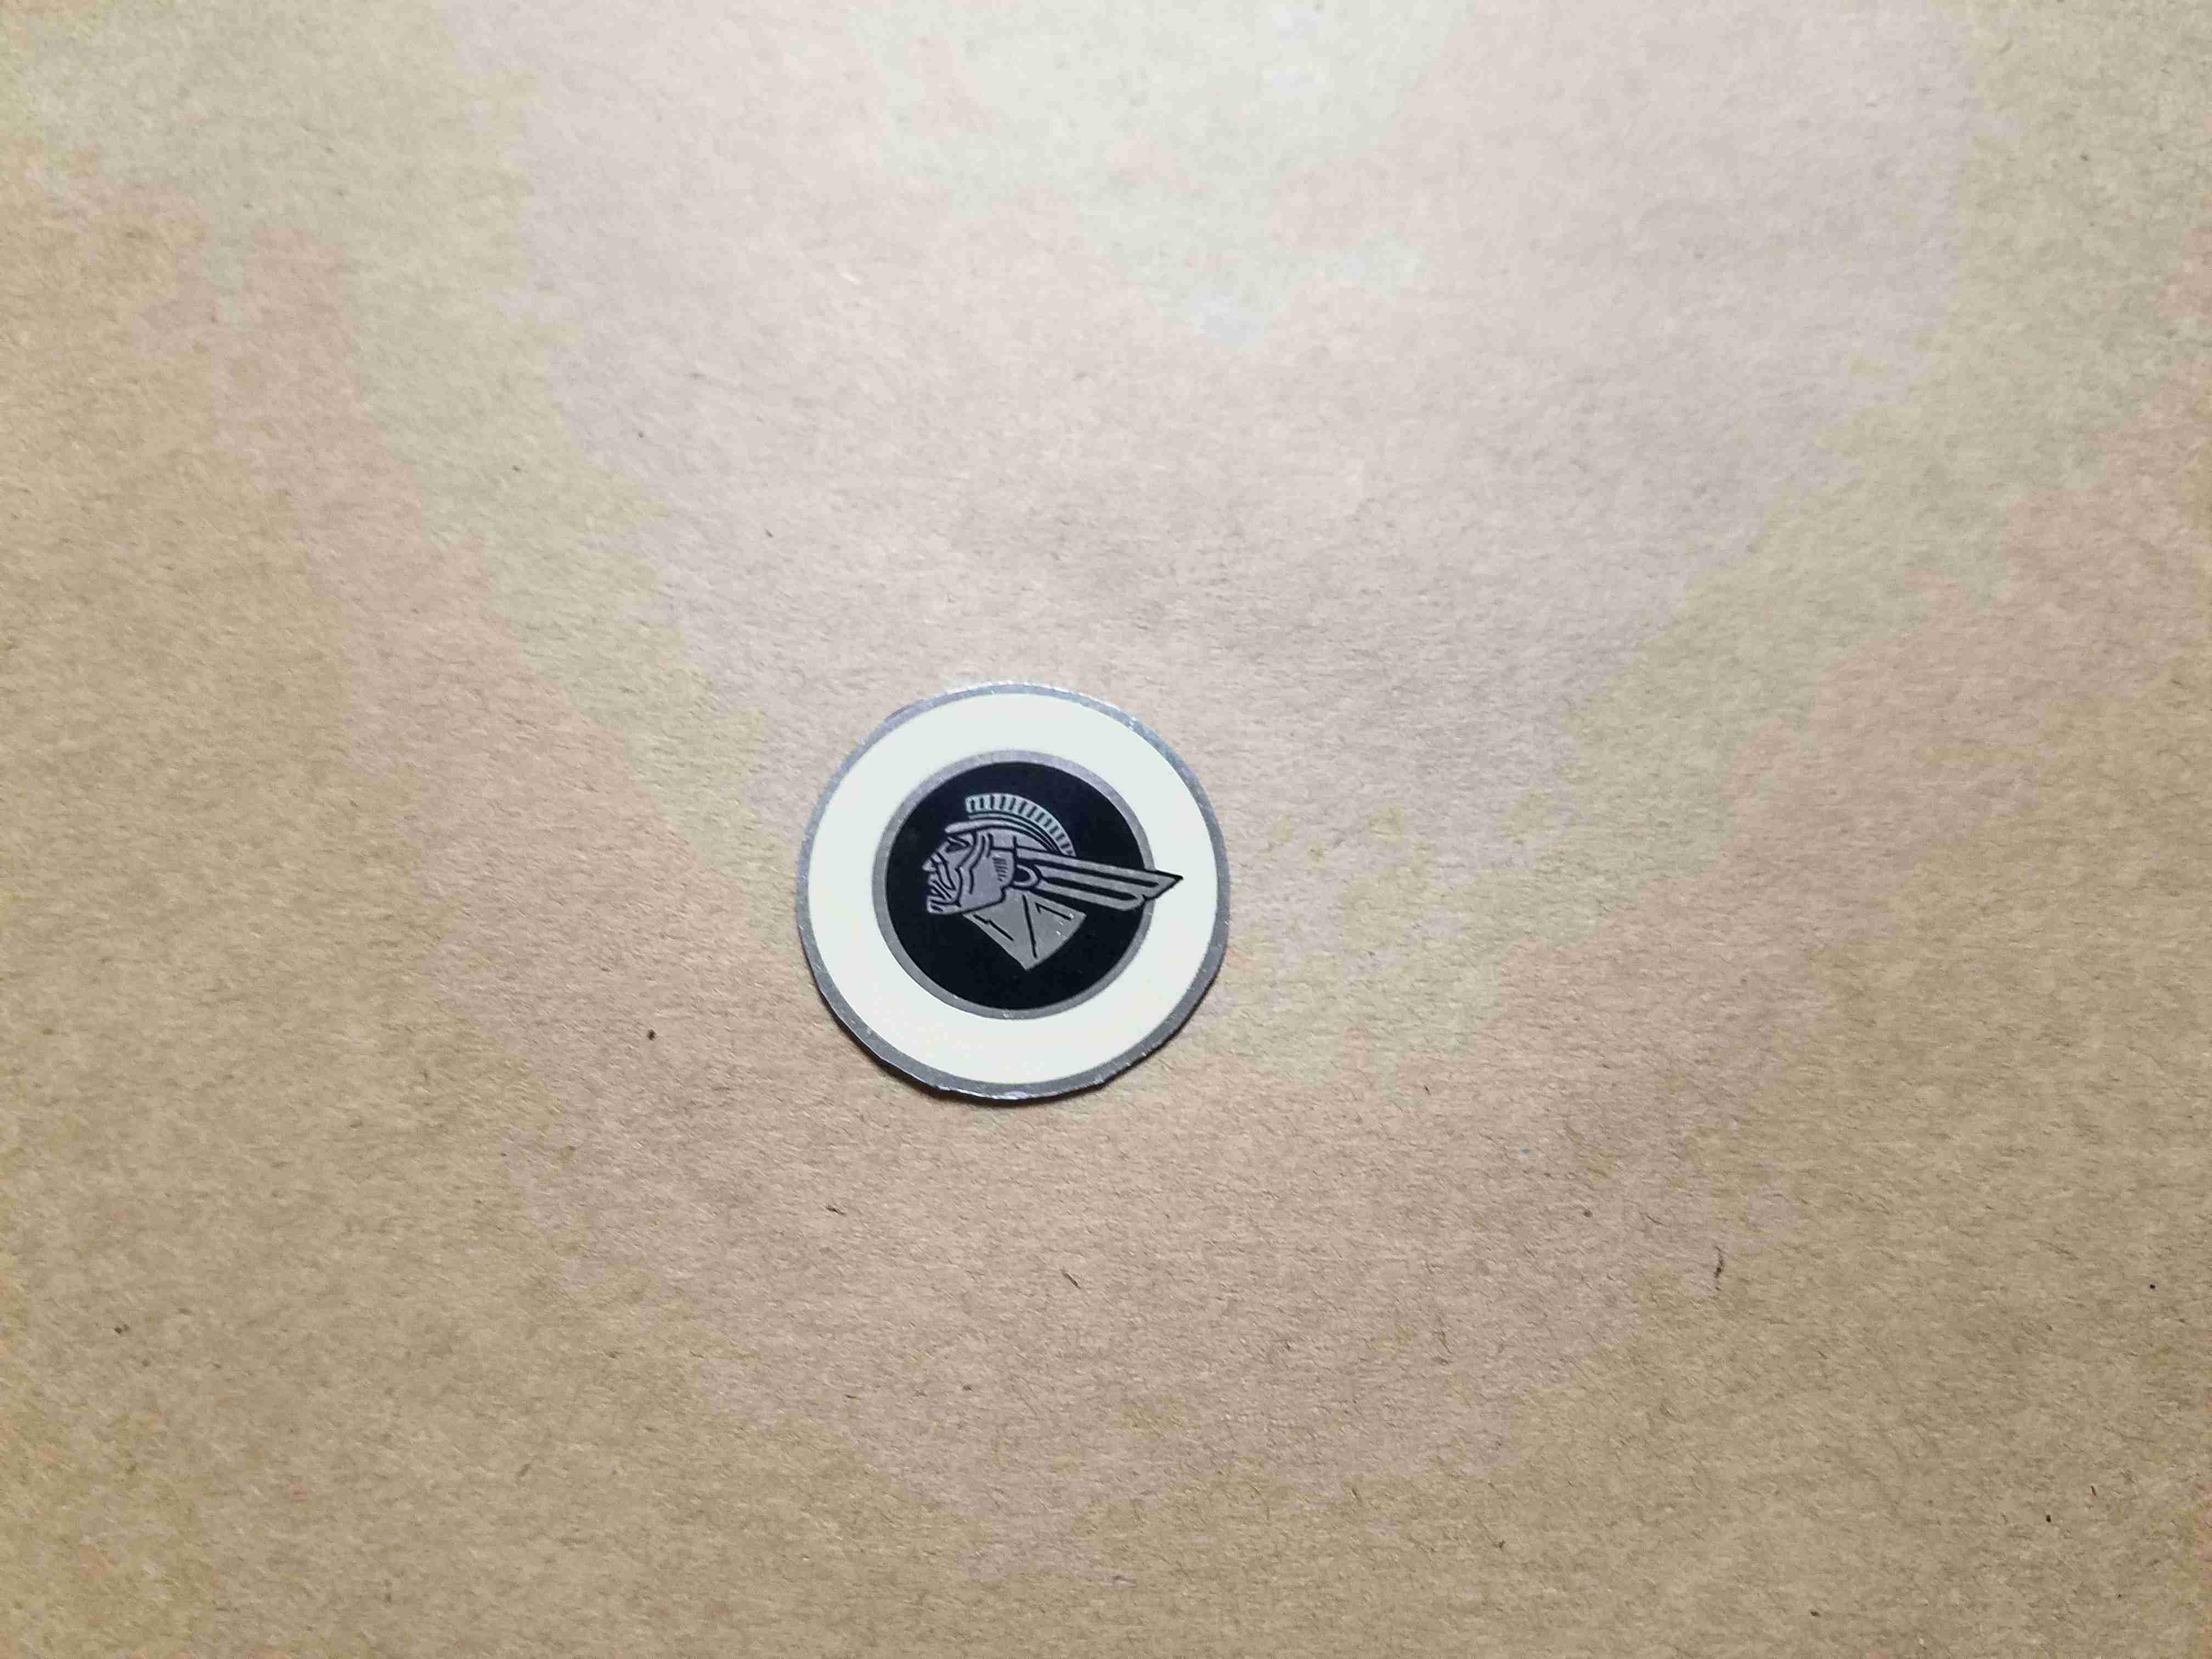 1953-60 Round Indian Head Tissue Dispenser Decal